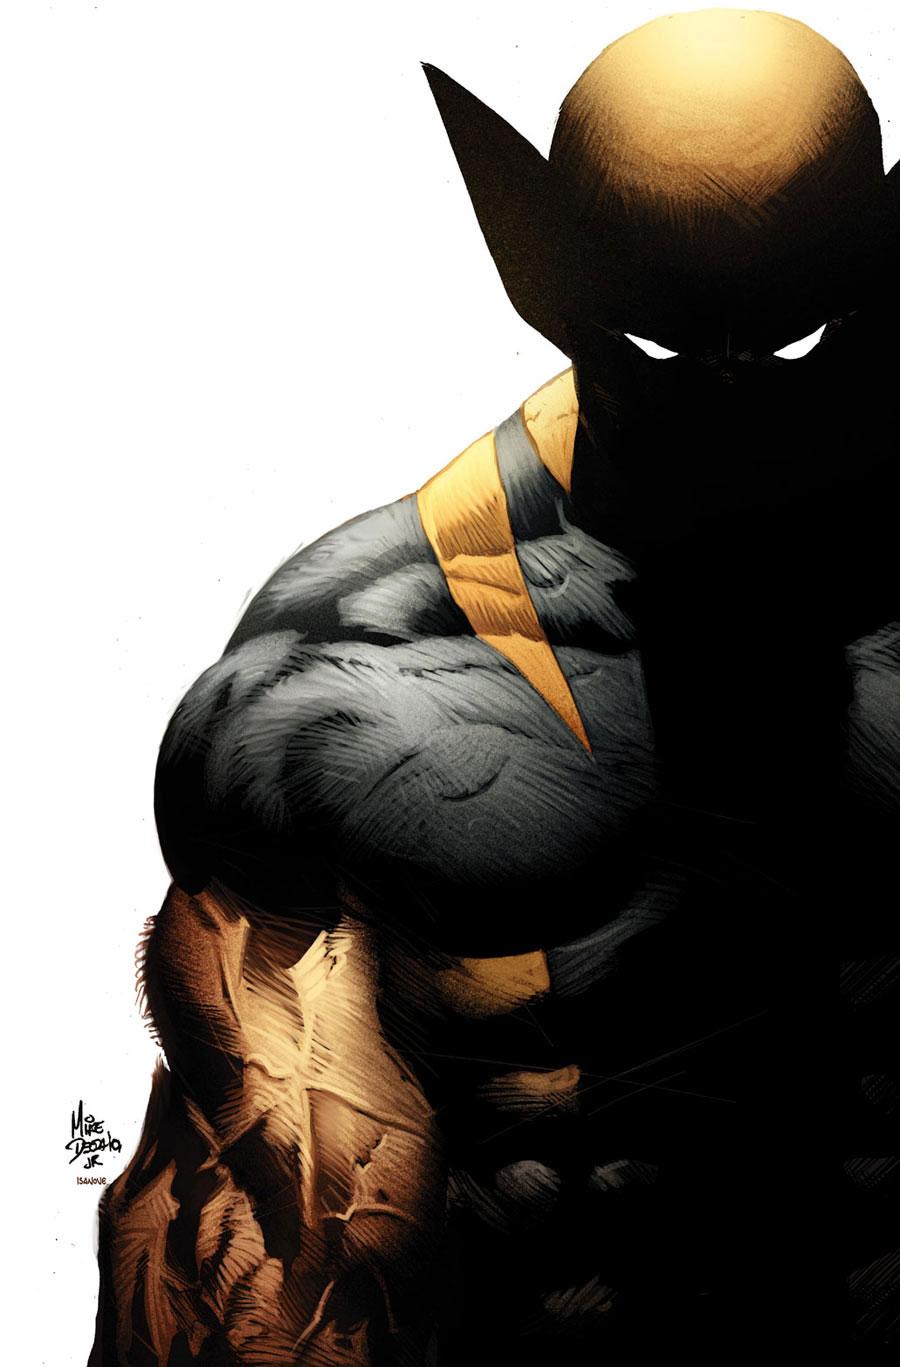 [Megapost] Imagenes y Walls de Comics. Parte 8